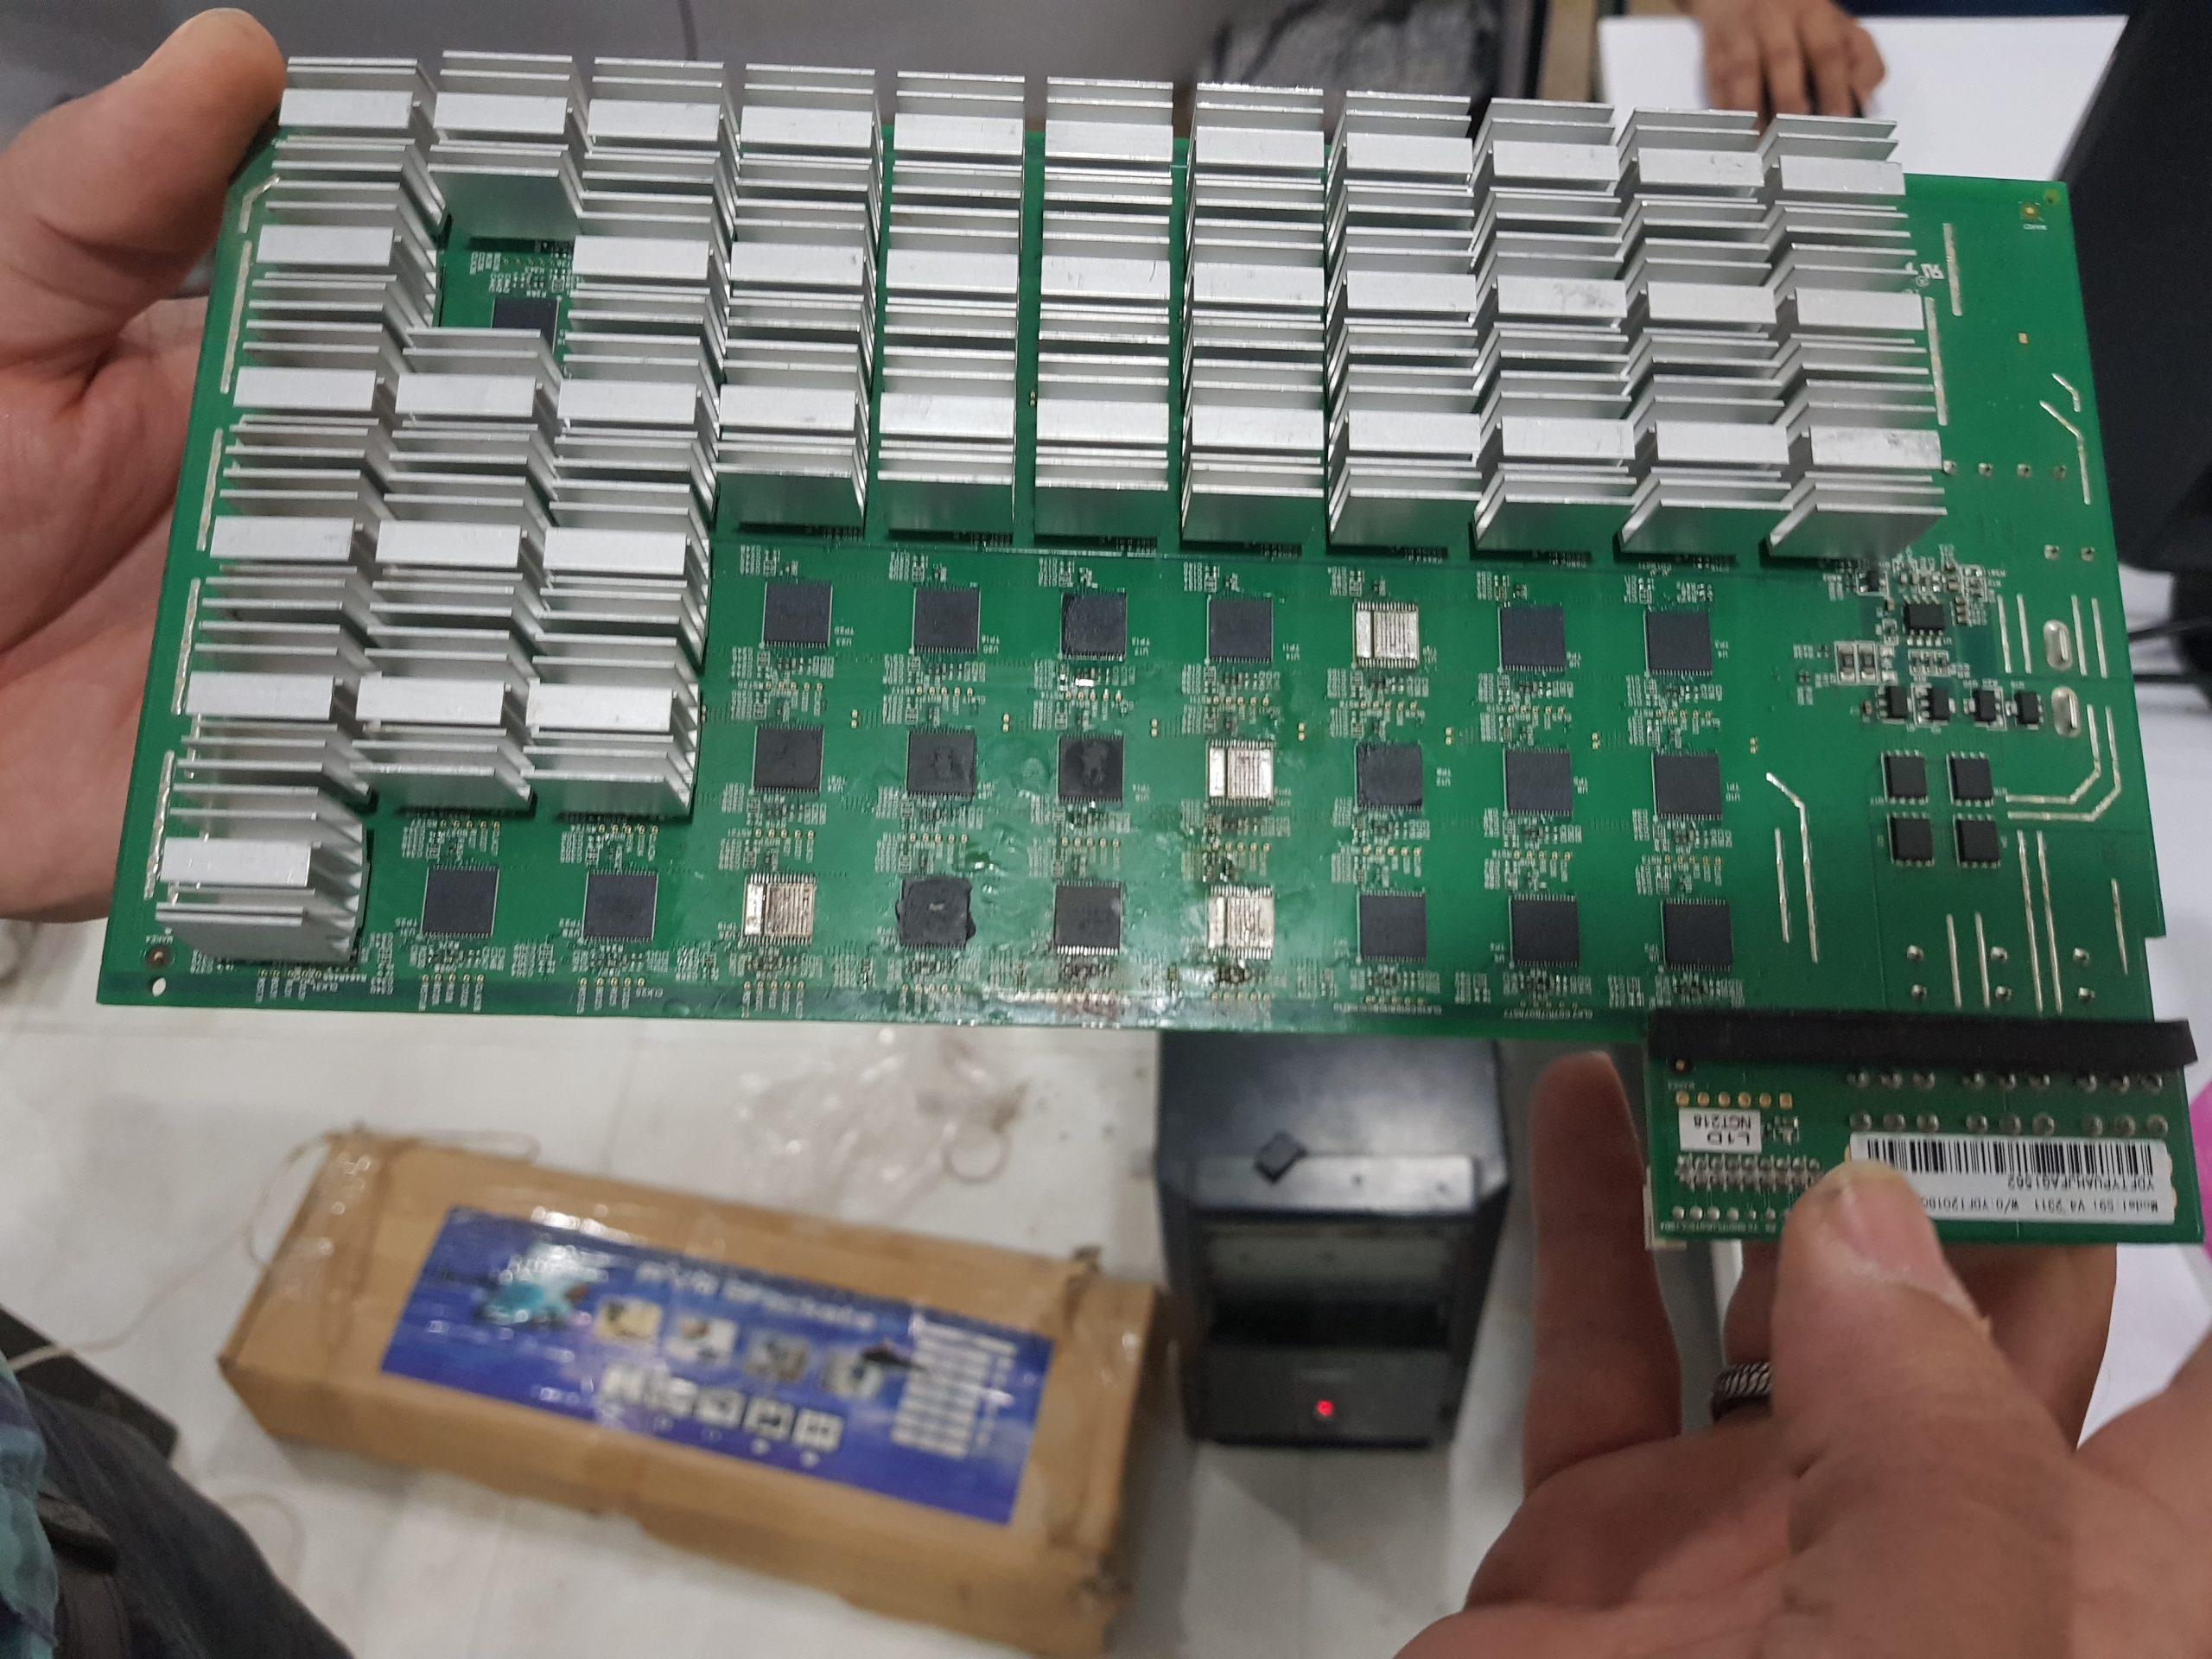 استخدام برای تعمیر پاور و برد های الکترونیکی